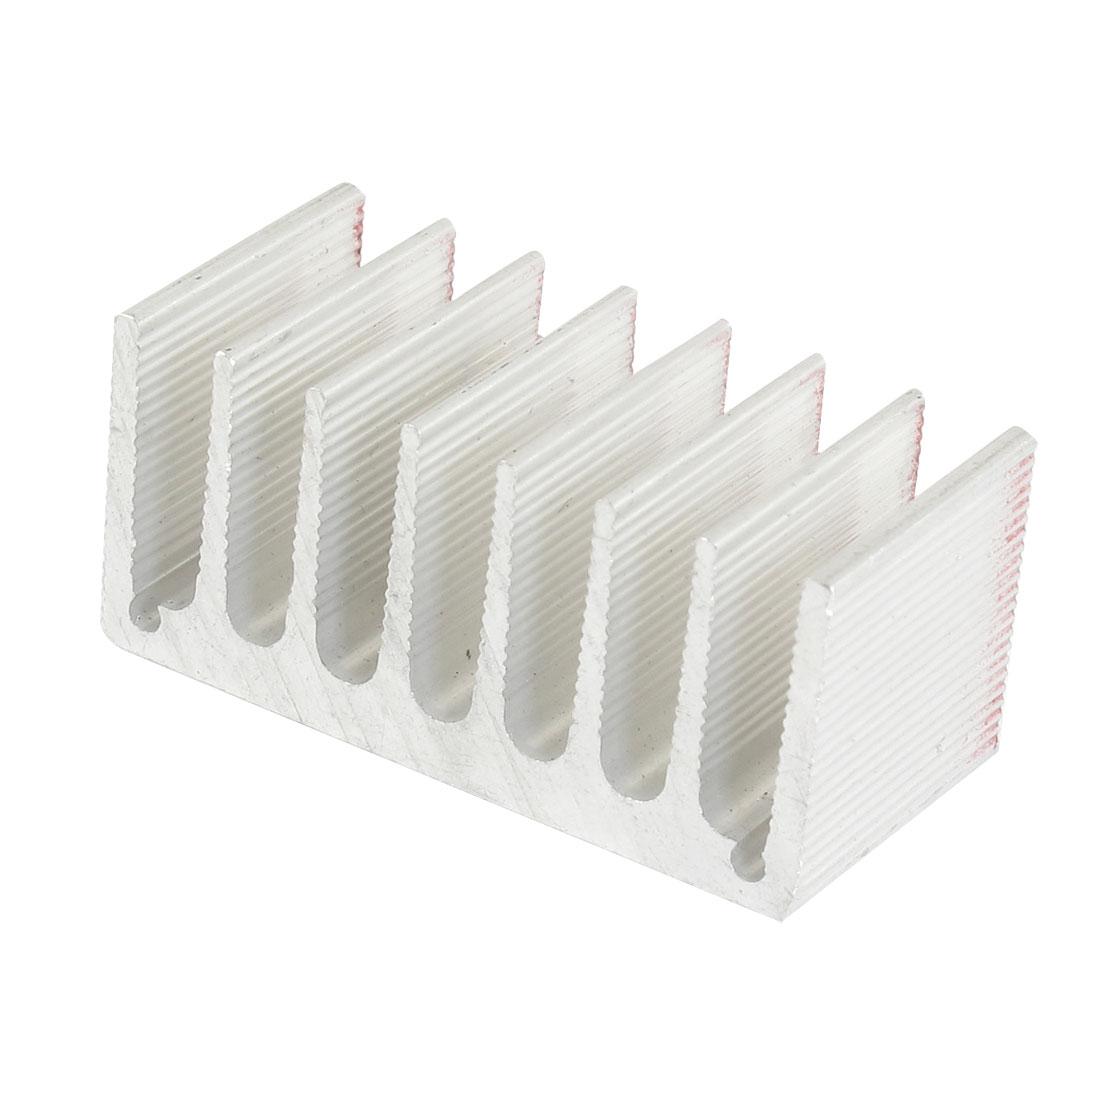 50mm x 24mm x 23mm Heatsink Heat Diffuse Aluminium Cooling Fin